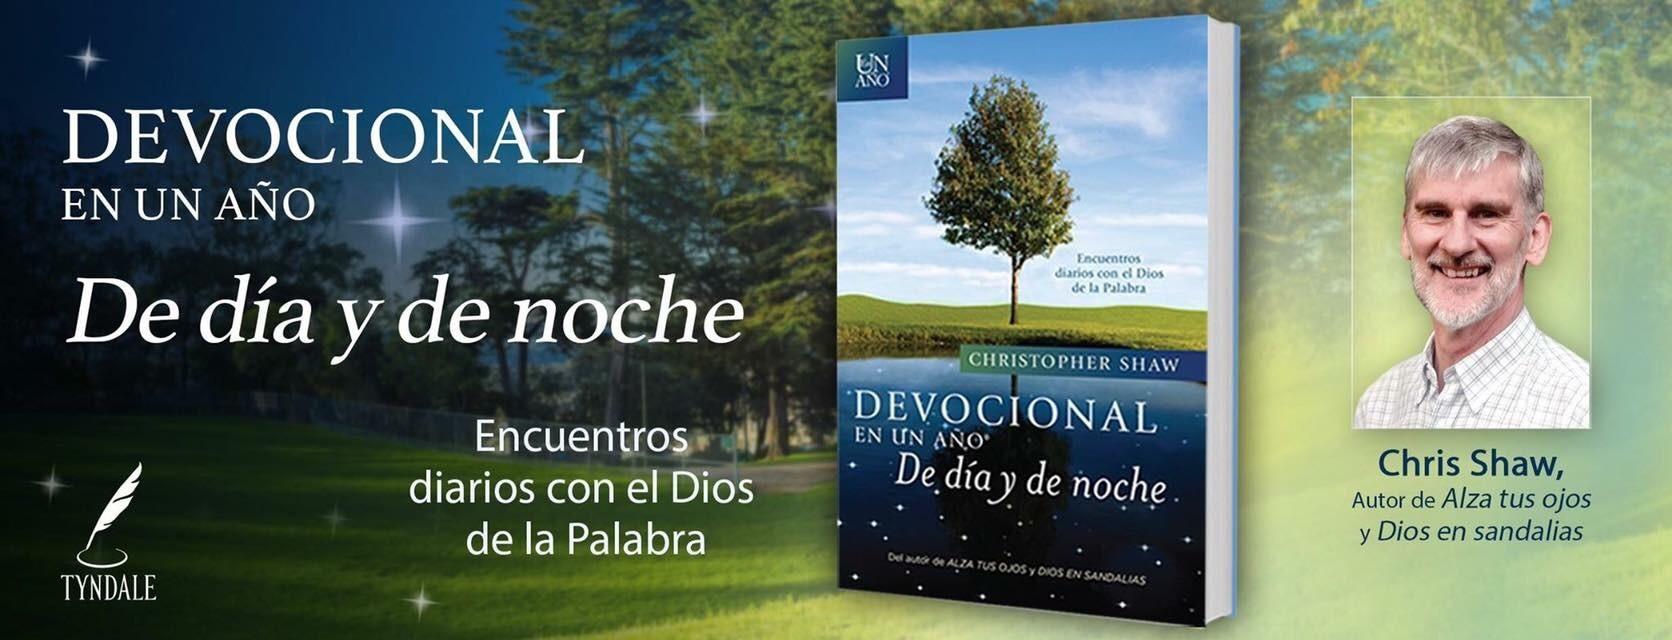 7. Devocional De Día y De Noche